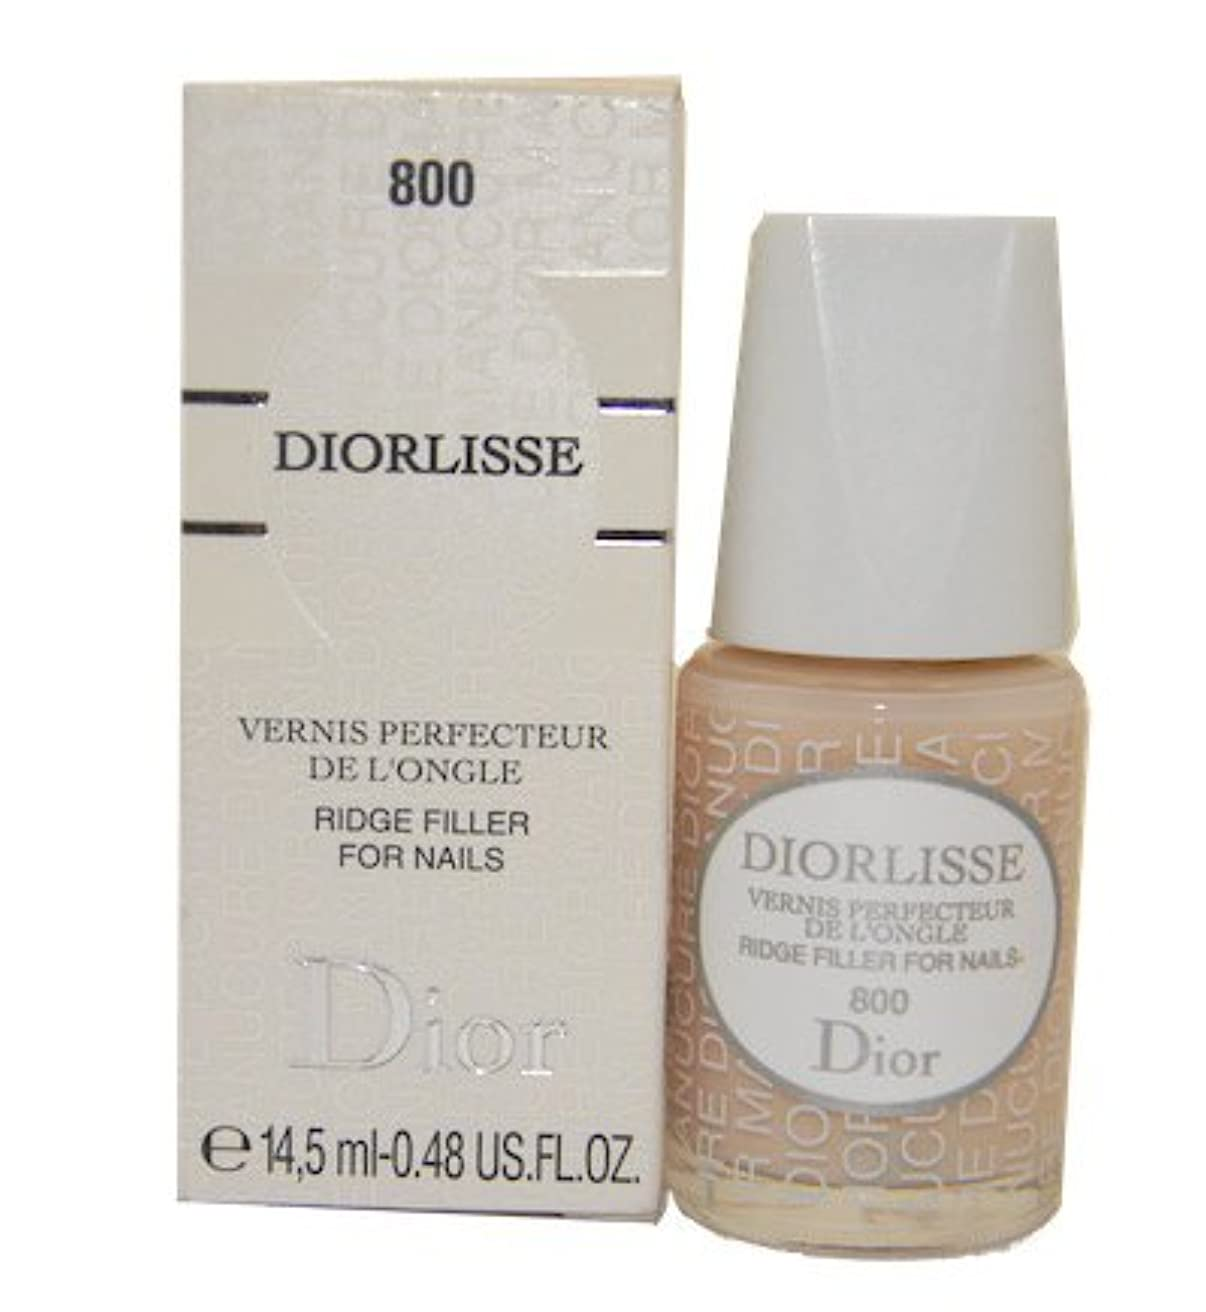 拡大する森林将来のDior Diorlisse Ridge Filler For Nail 800(ディオールリス リッジフィラー フォーネイル 800)[海外直送品] [並行輸入品]